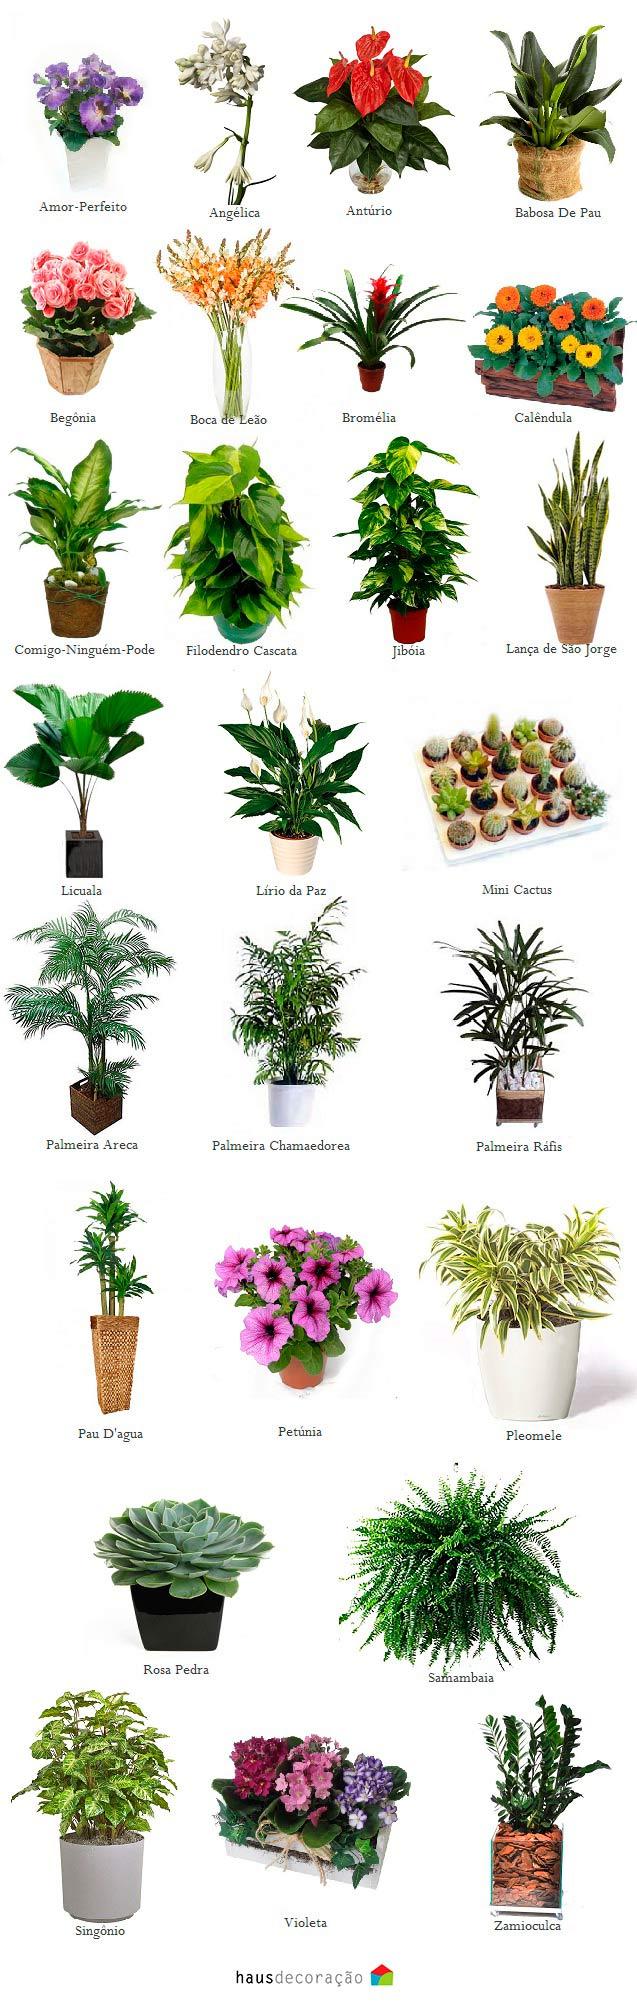 flores para jardim de inverno:PLantas ideais para jardim de inverno: